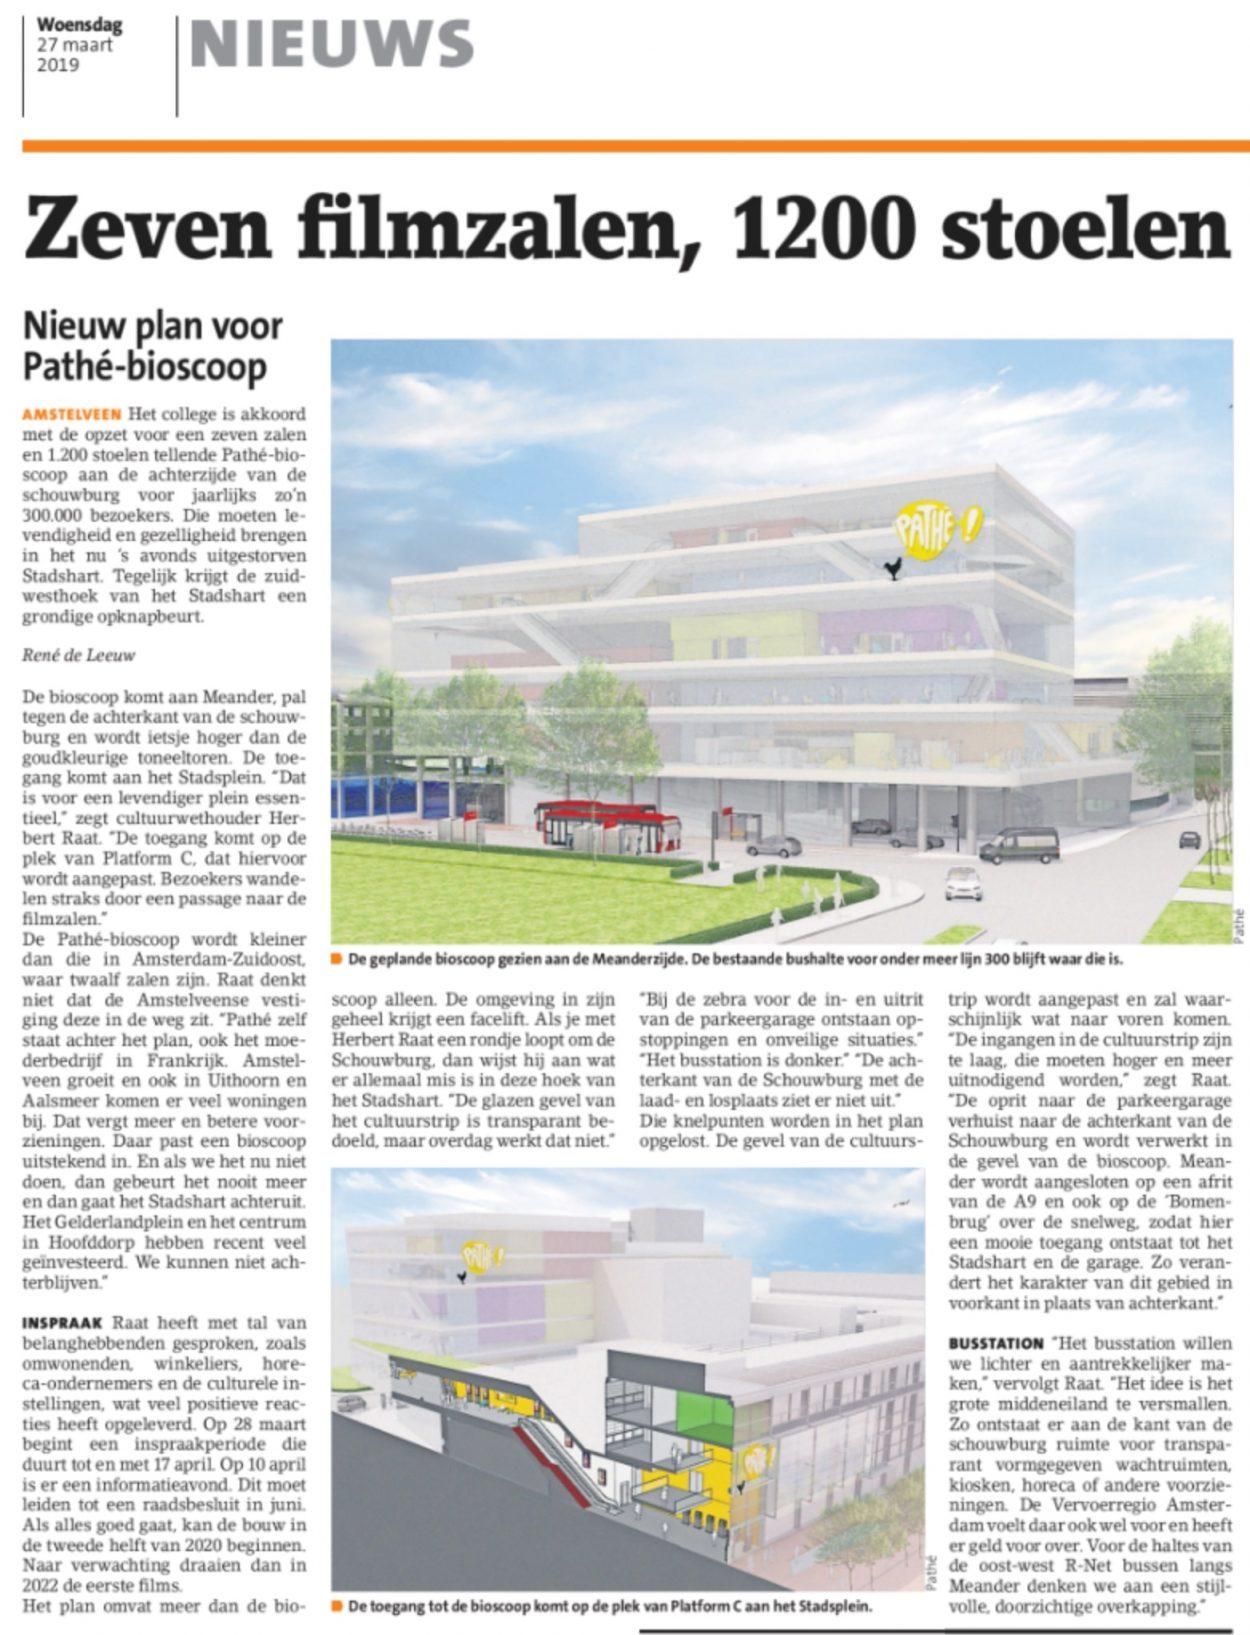 2019-27-3 Amstelveens Nieuwsblad; interview met wethouder Herbert Raat over mogelijke komst PATHE